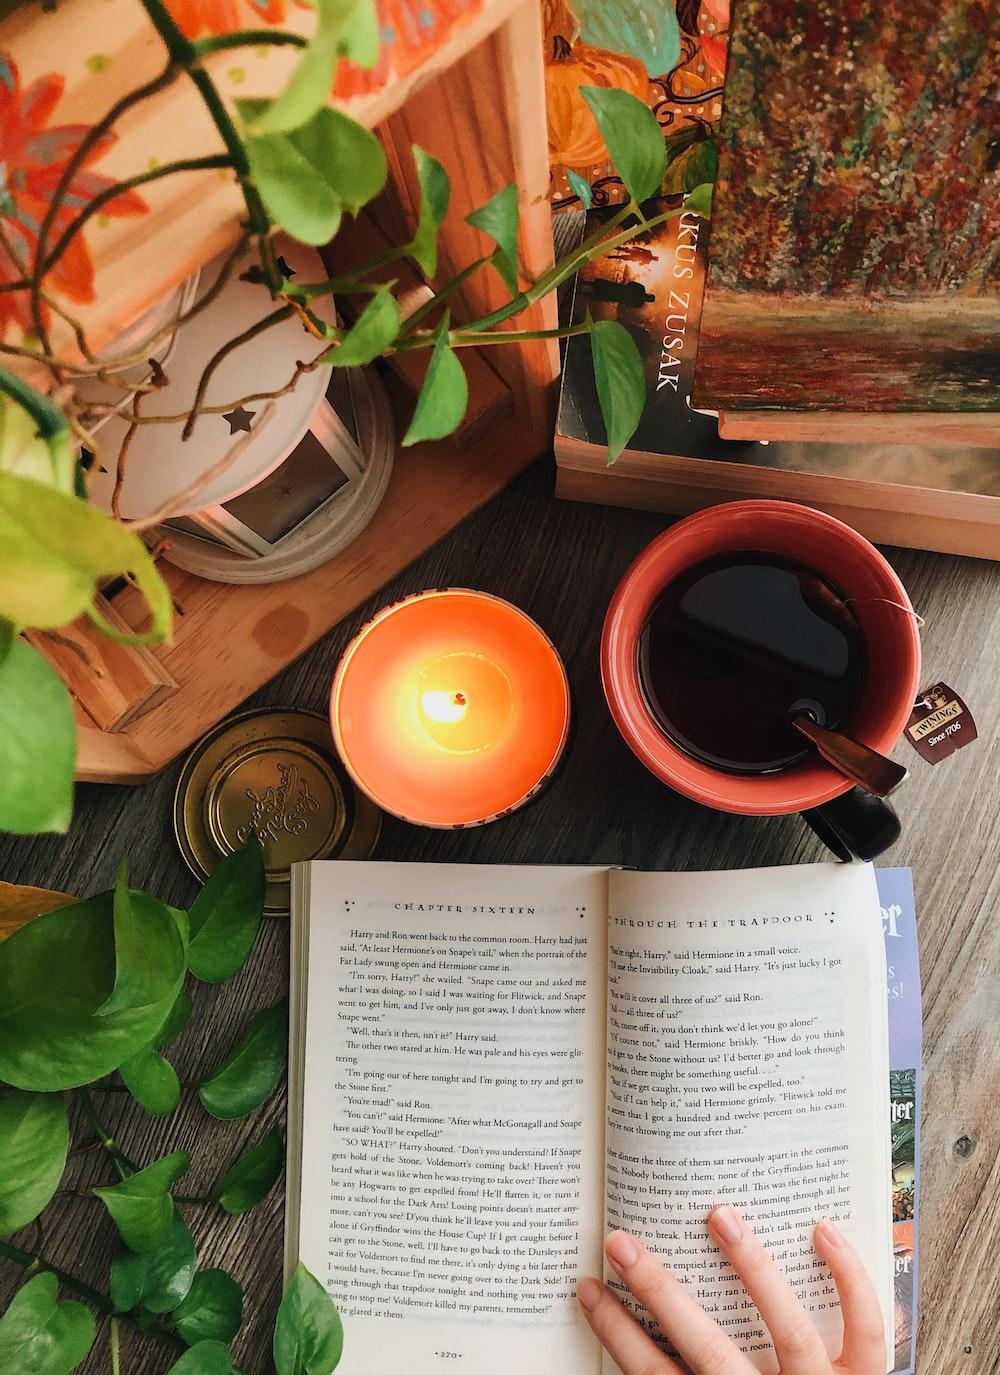 orange ceramic mug on brown wooden table